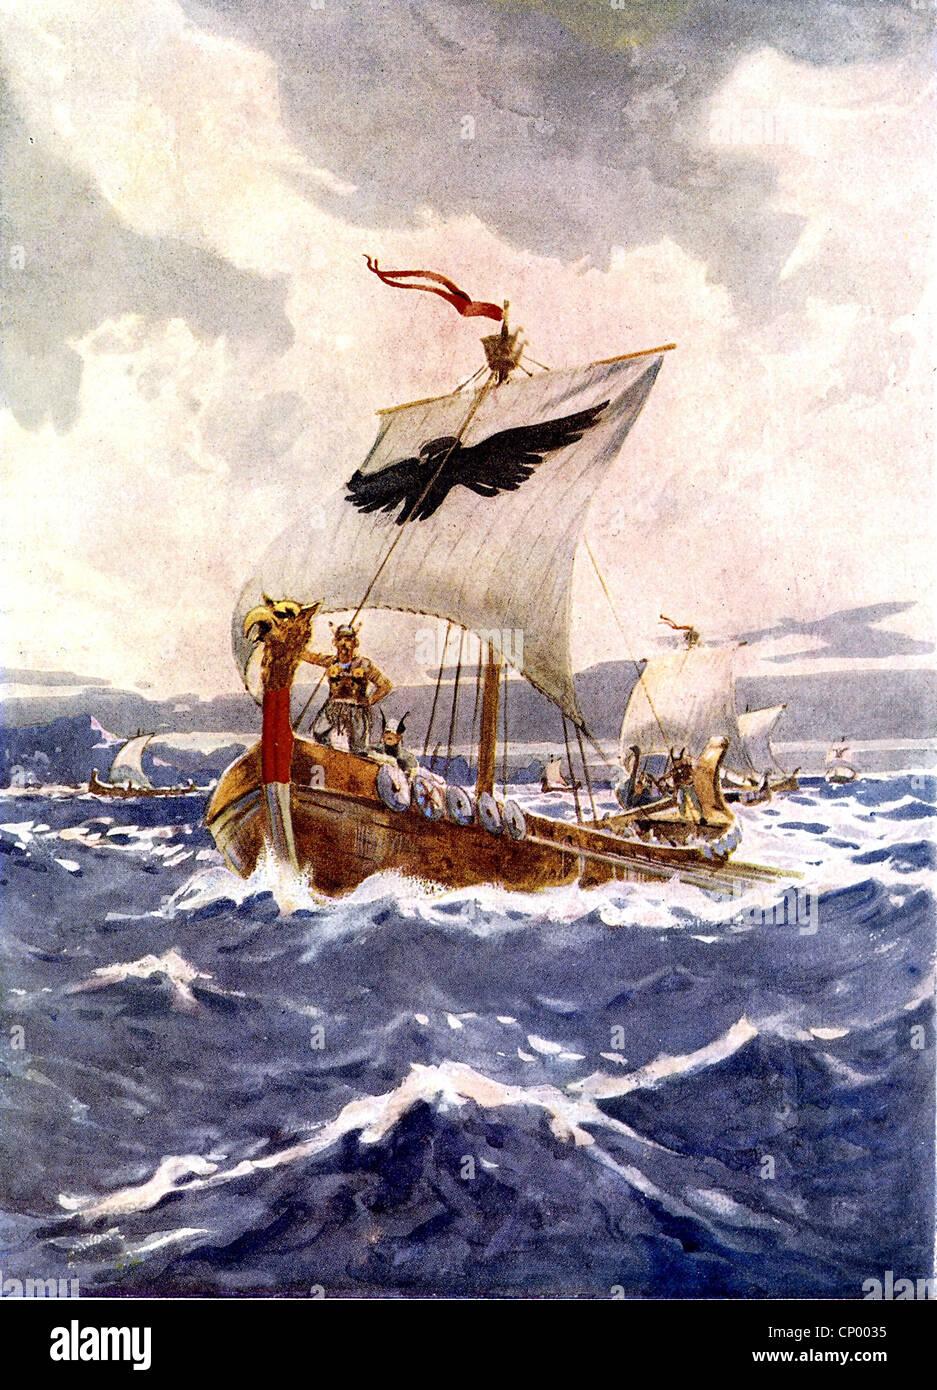 Mittelalter, Wikinger, Wikinger Schiff, Segeln, Gemälde von Arch Webb, historisch, historische, Schiffe, Boot, Stockbild